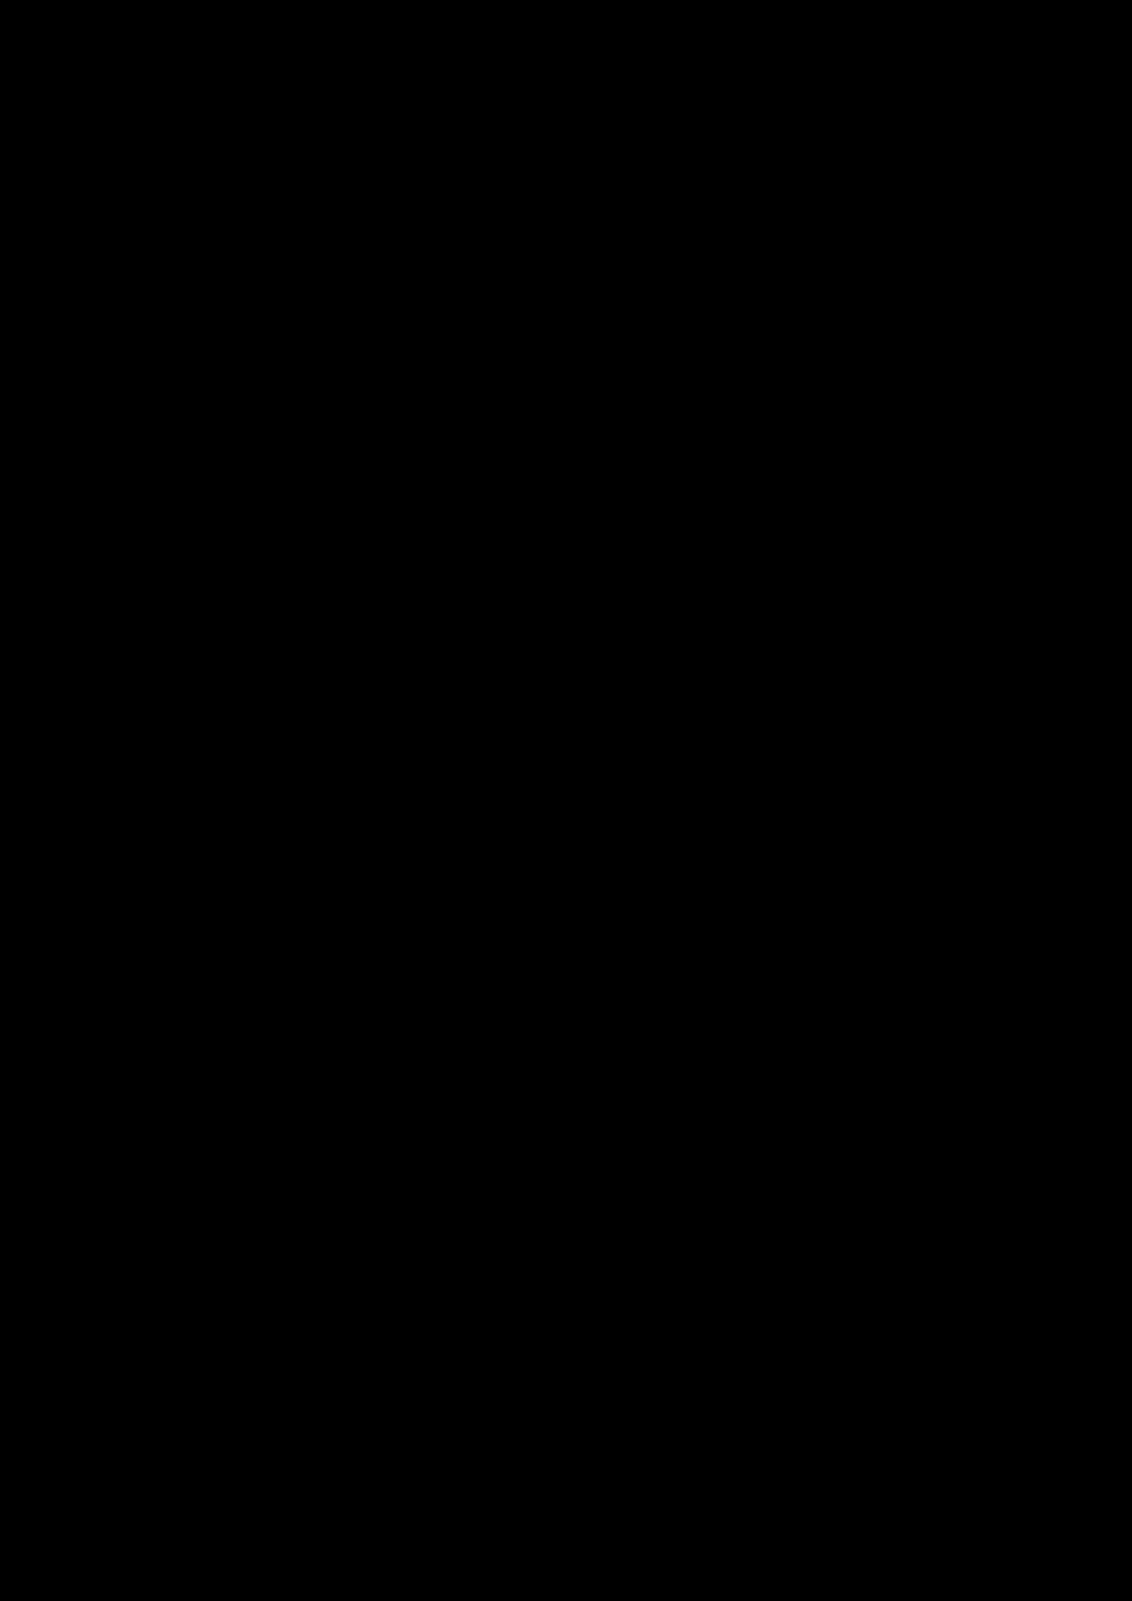 Serdtse slide, Image 75